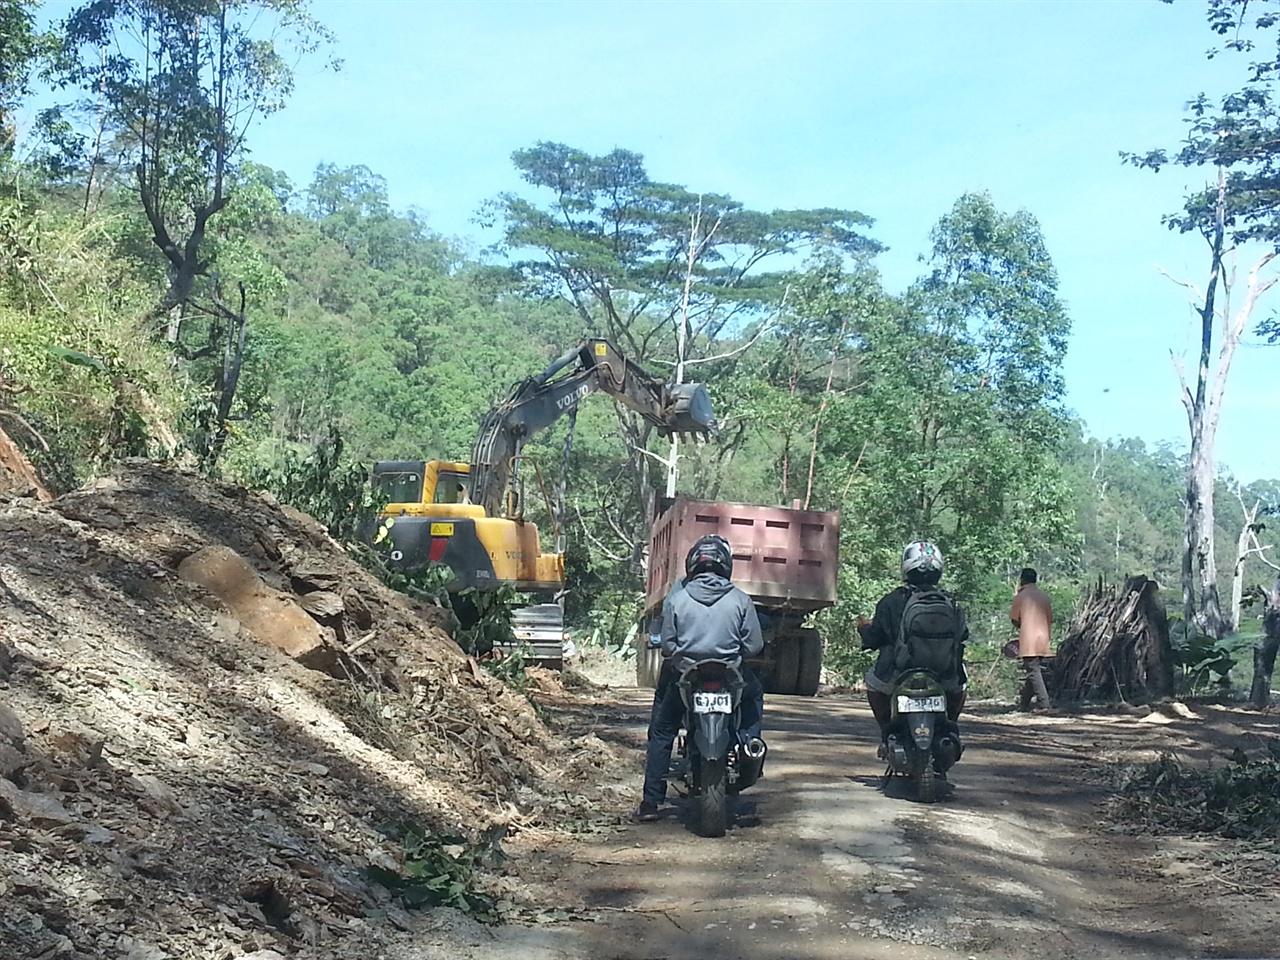 사메가던 길 딜리에서 사메지역으로 가다 만난 도로공사 현장